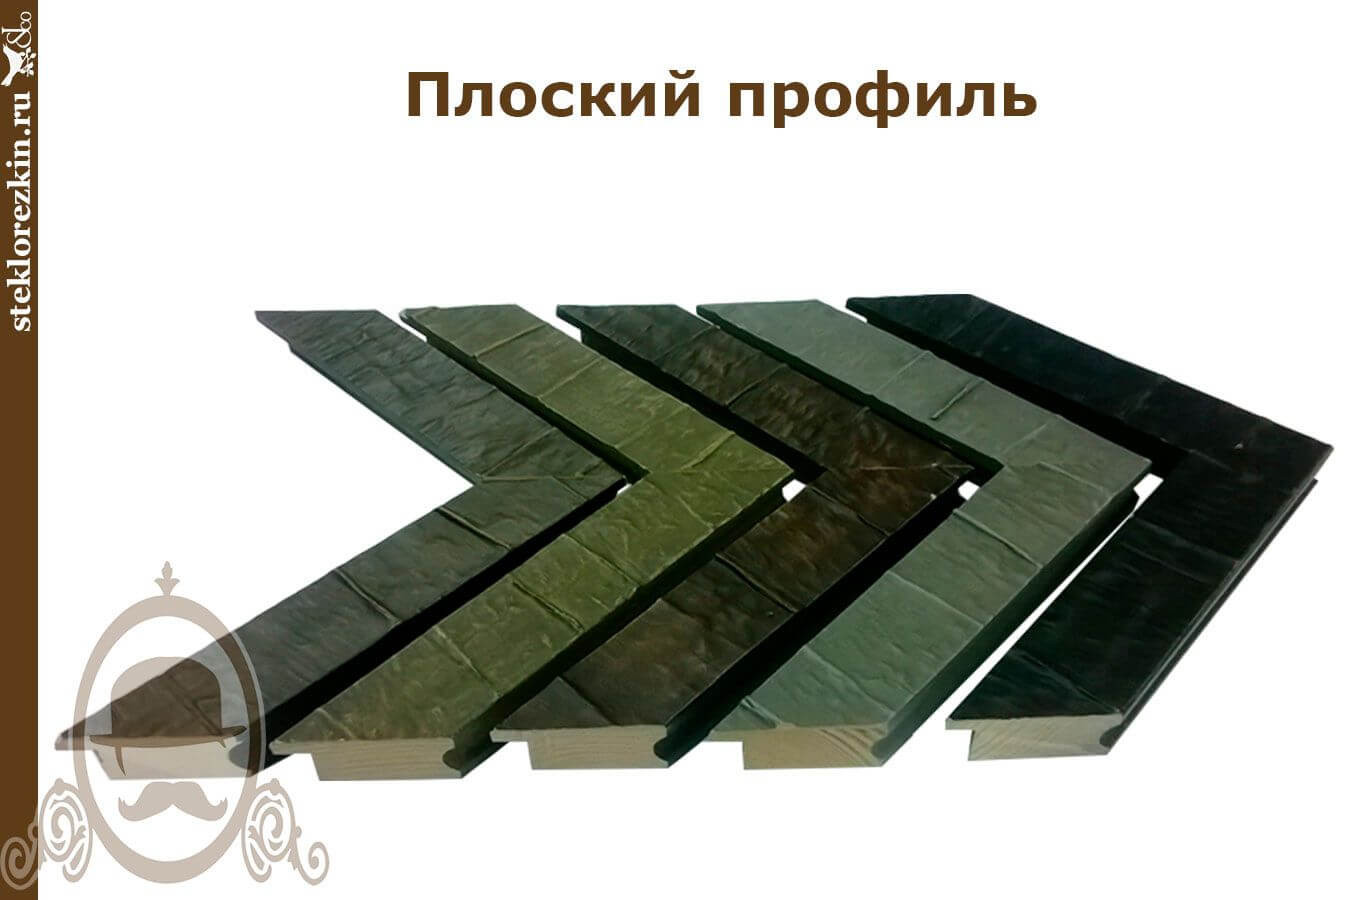 Baget_plastik_steklorezkin.ru_baget-plos